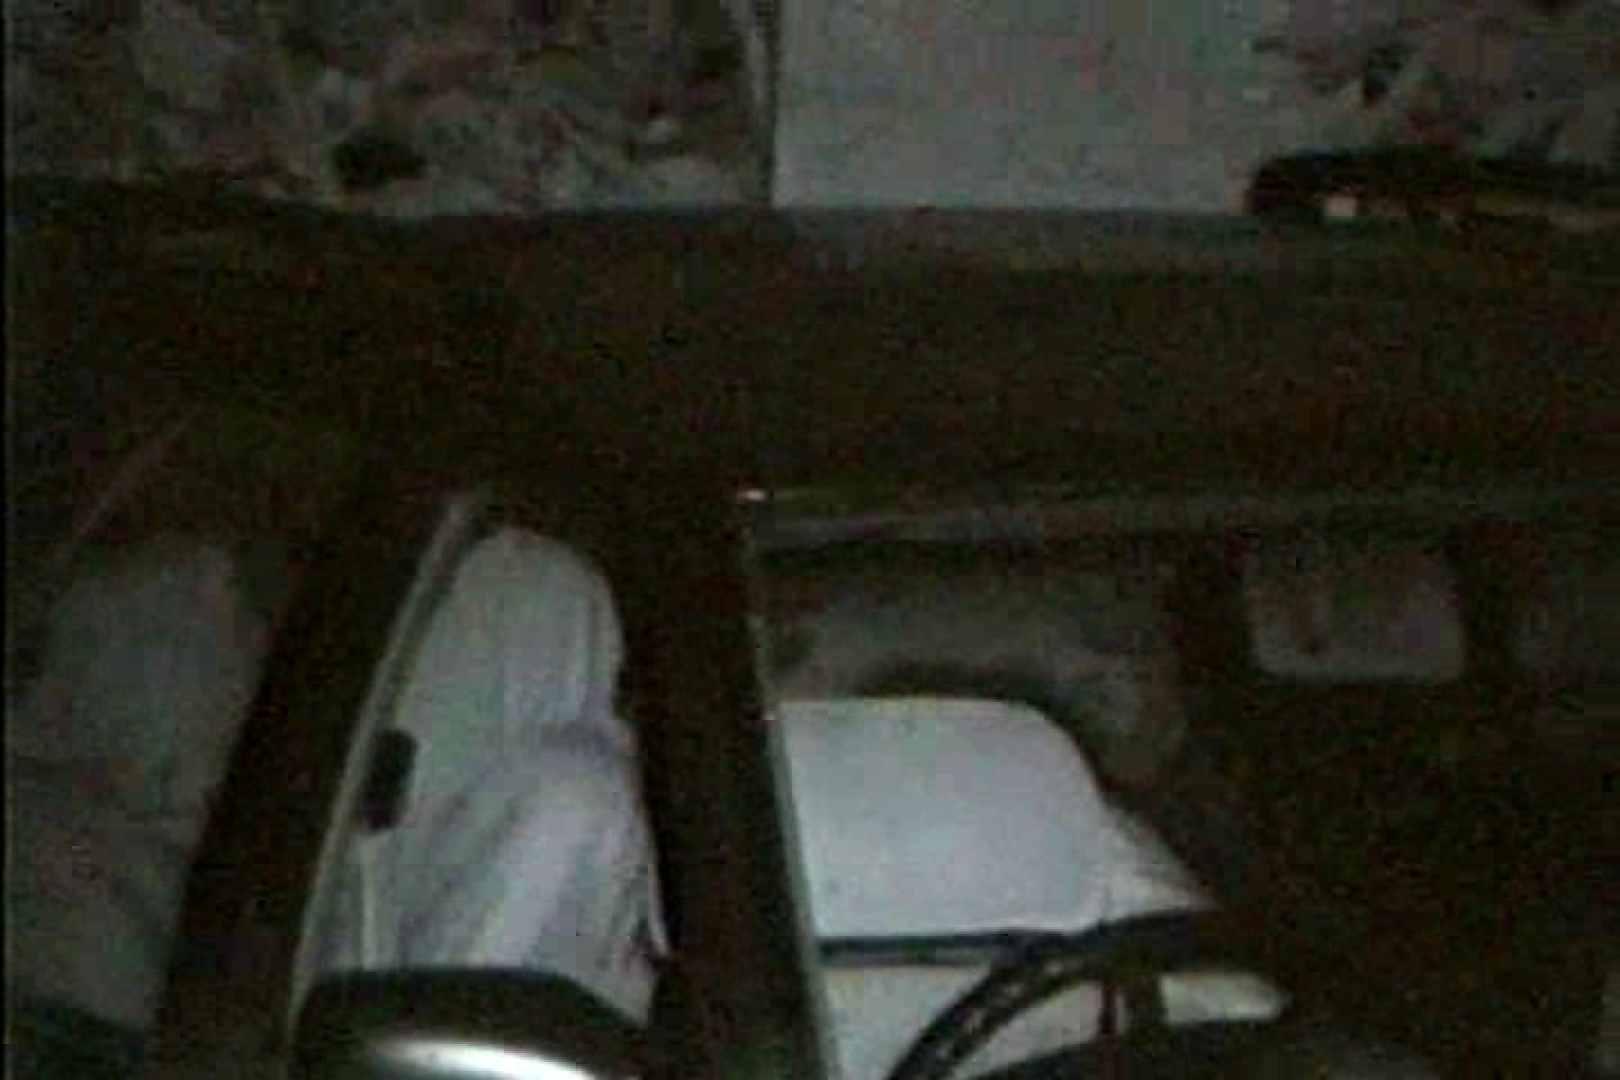 車の中はラブホテル 無修正版  Vol.6 HなOL 性交動画流出 104pic 66